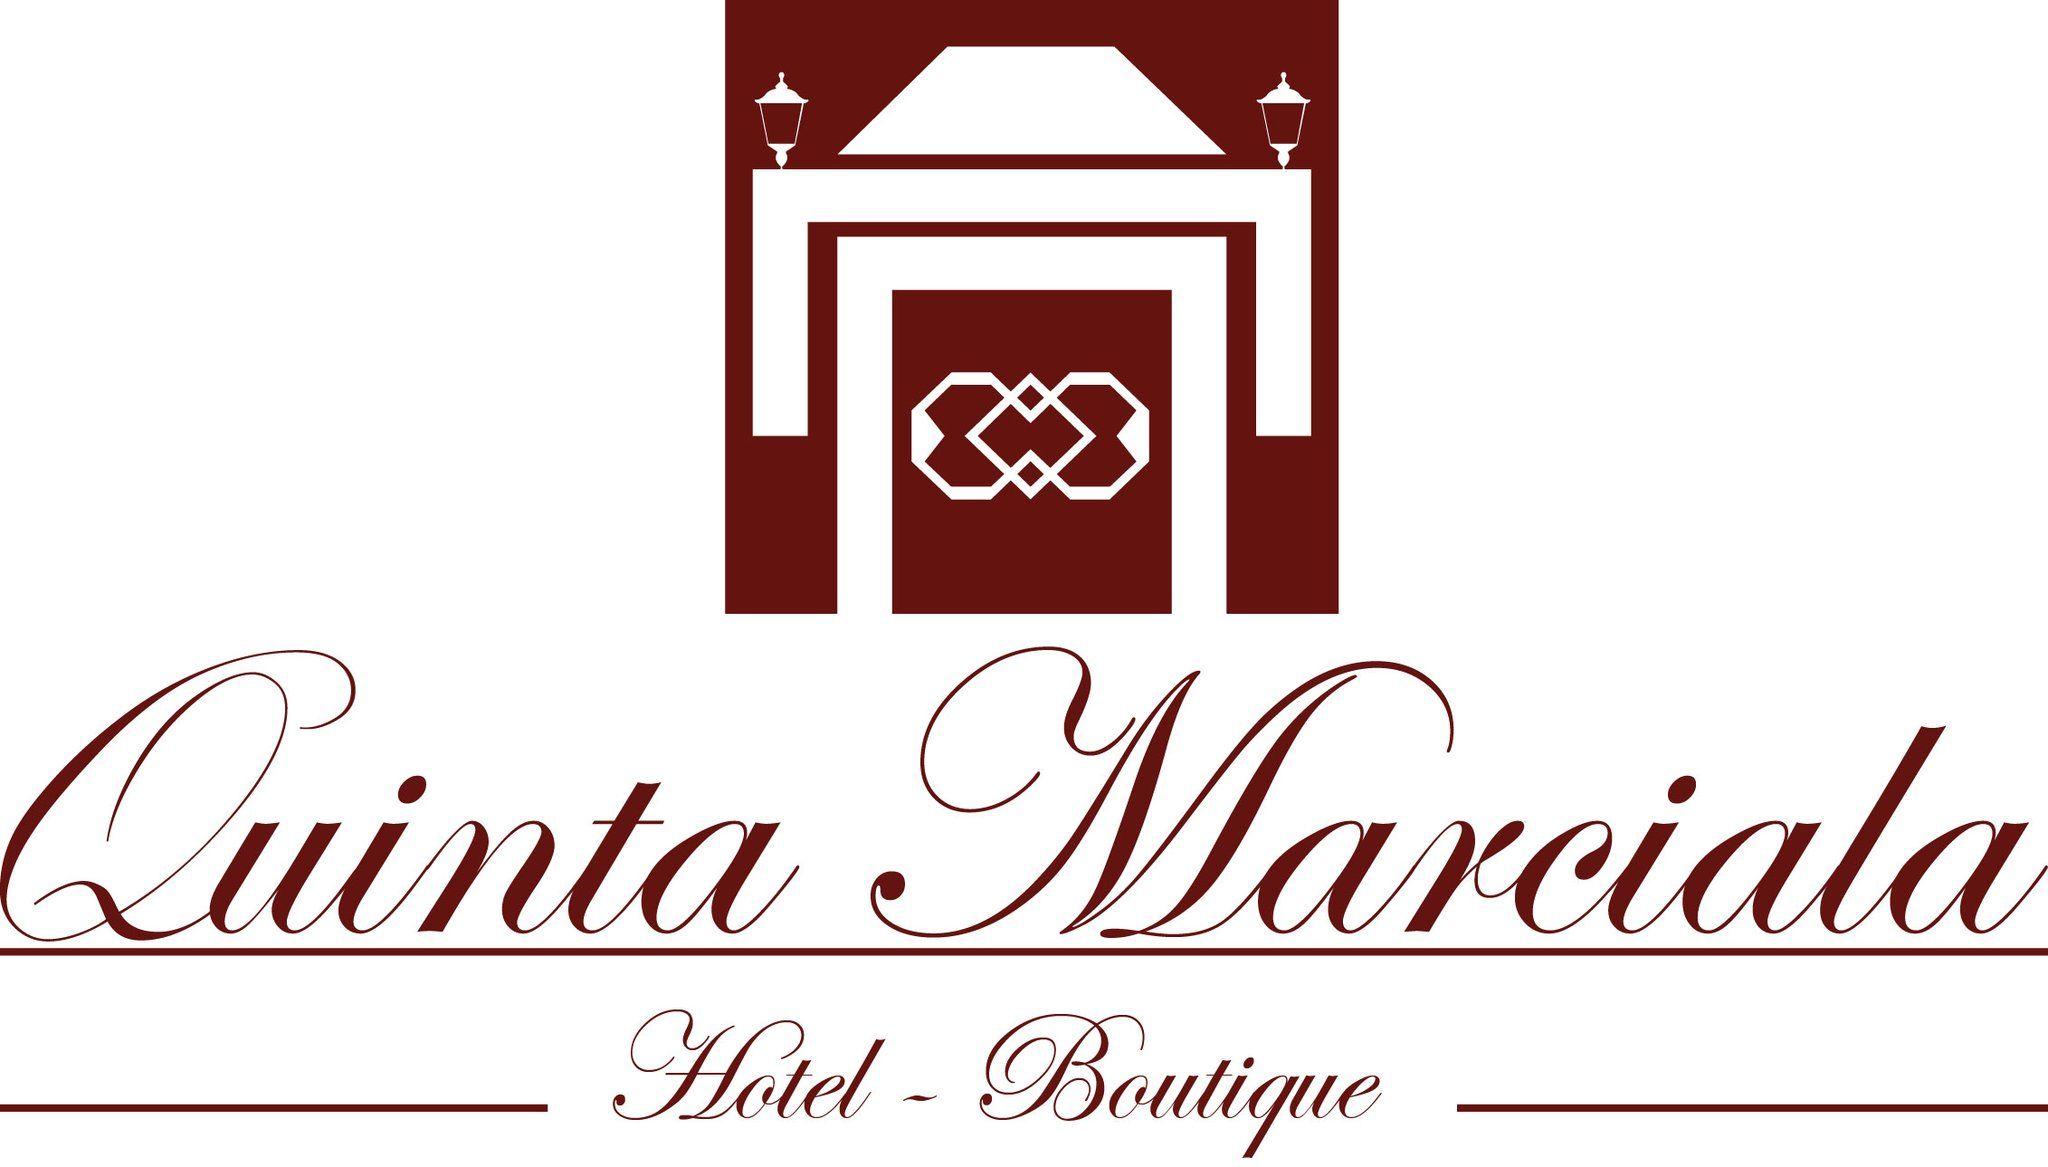 Quinta Marciala Hotel Boutique